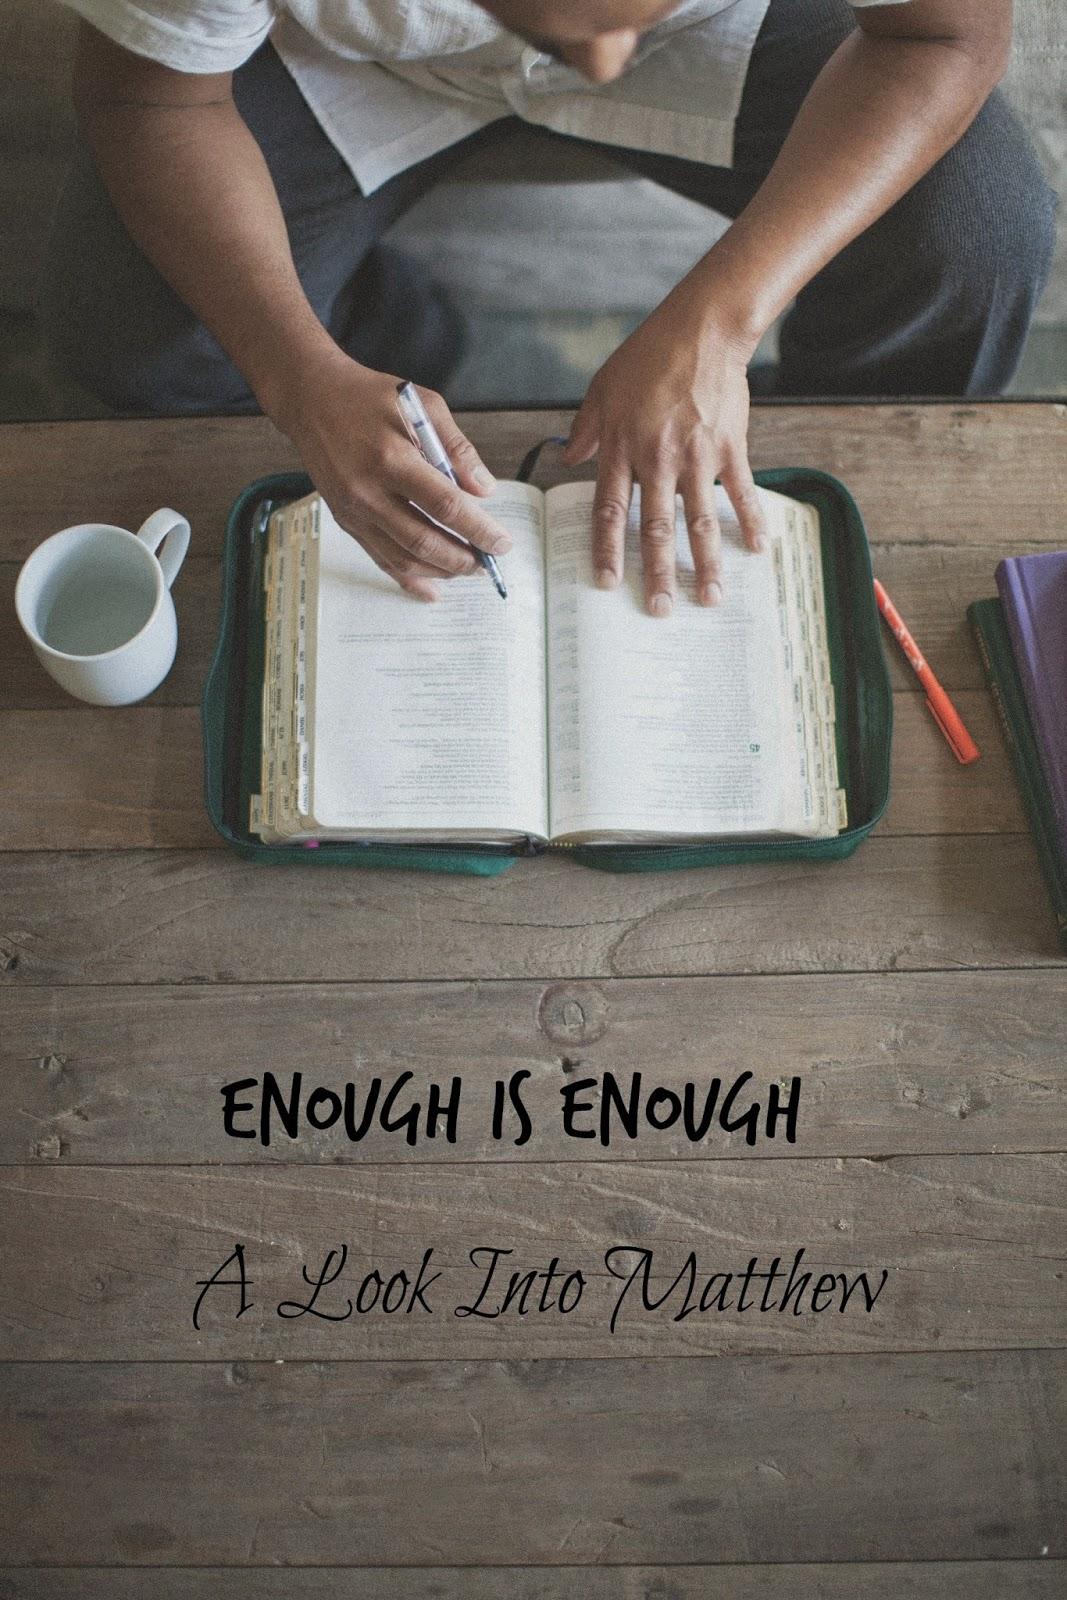 A Lesson in Matthew: Enough is Enough